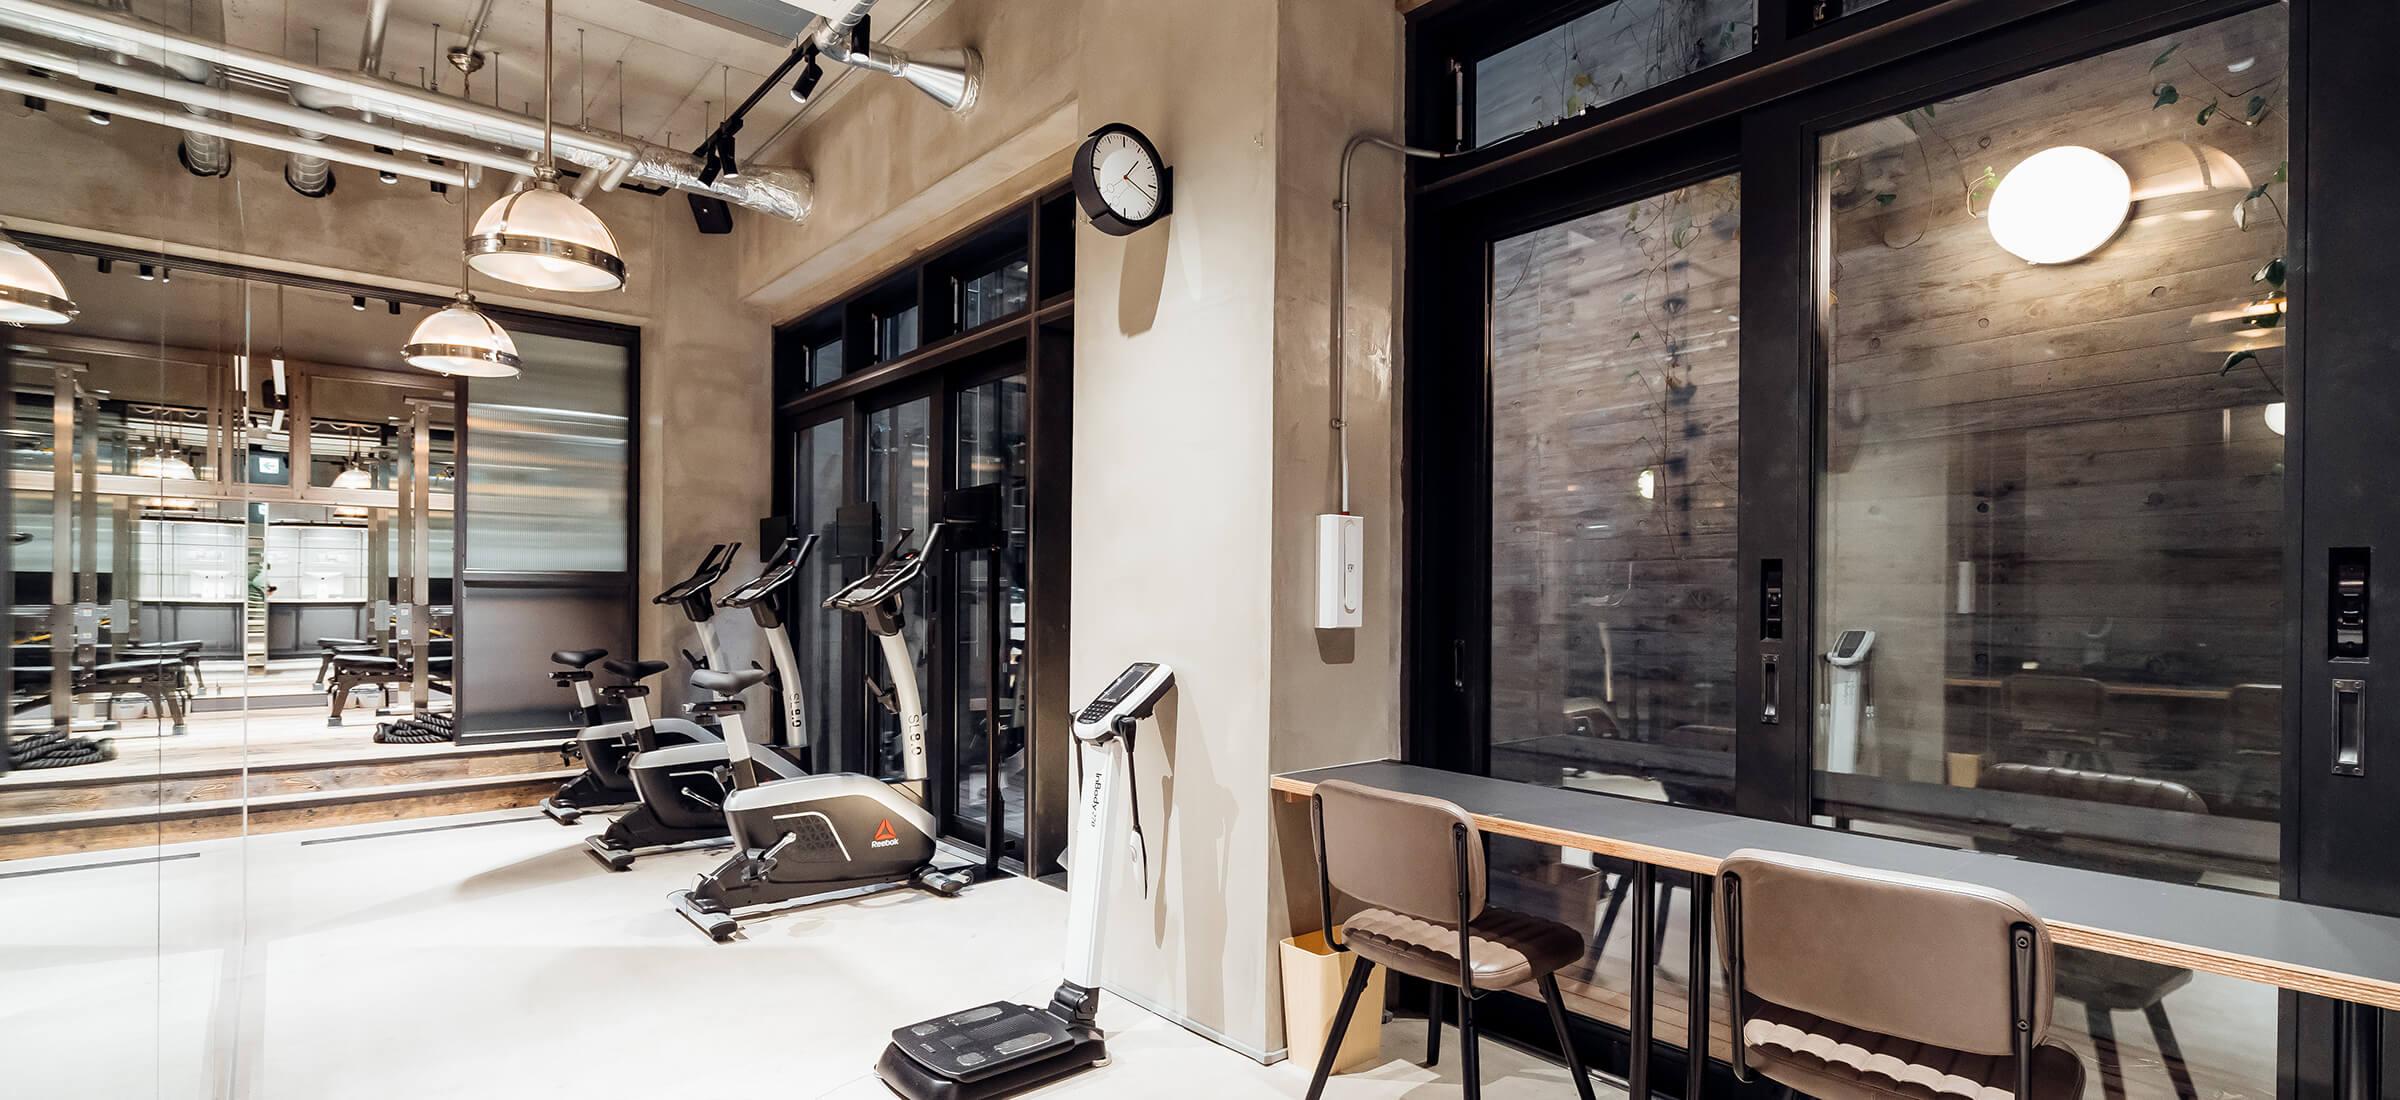 UNDEUX恵比寿スタジオのトレーニングスペース3